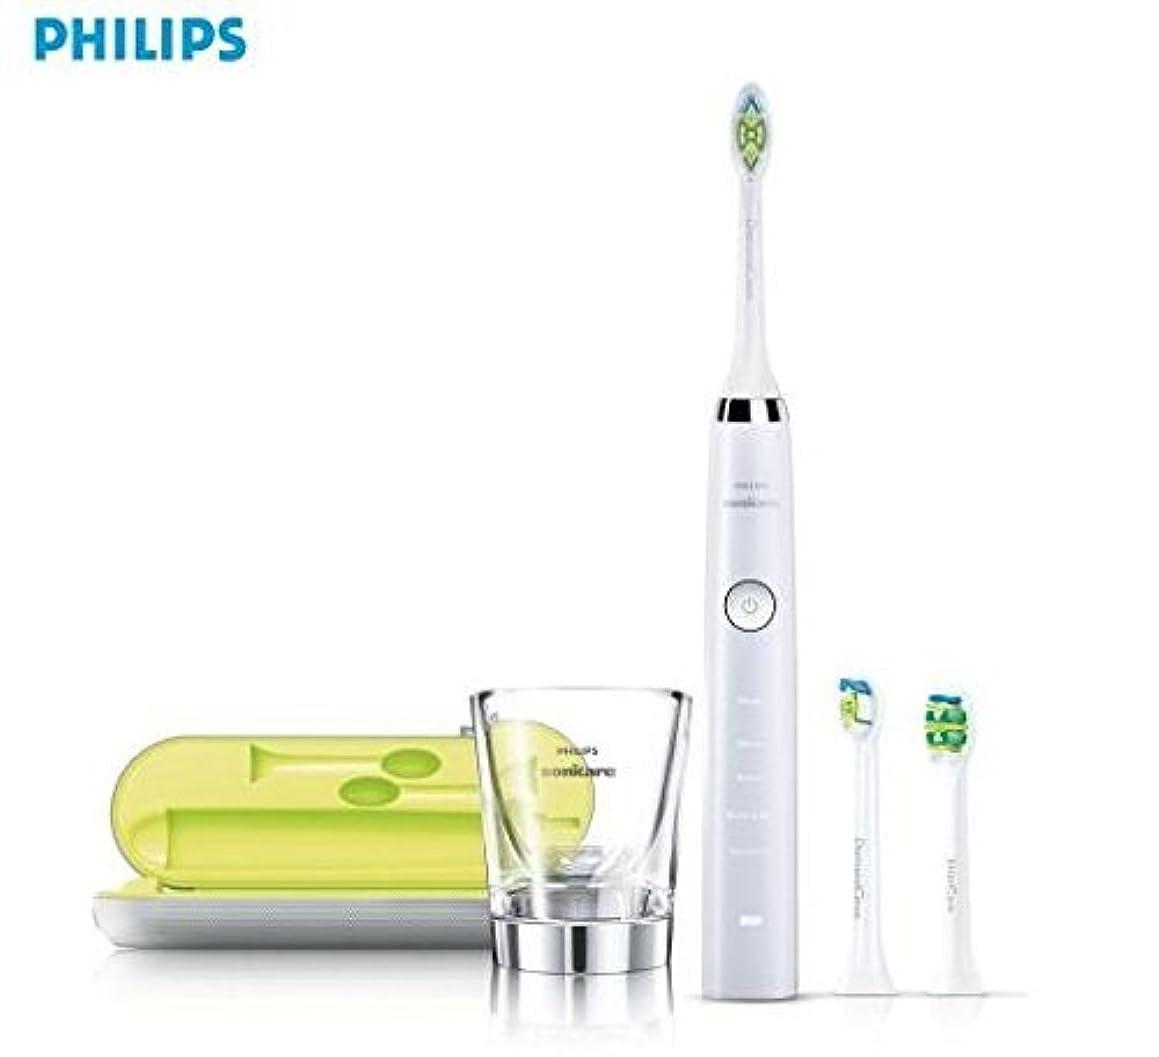 薬剤師入口上回るソニッケアー 電動歯ブラシ(ホワイト)PHILIPS sonicare ダイヤモンドクリーン HX9335/05